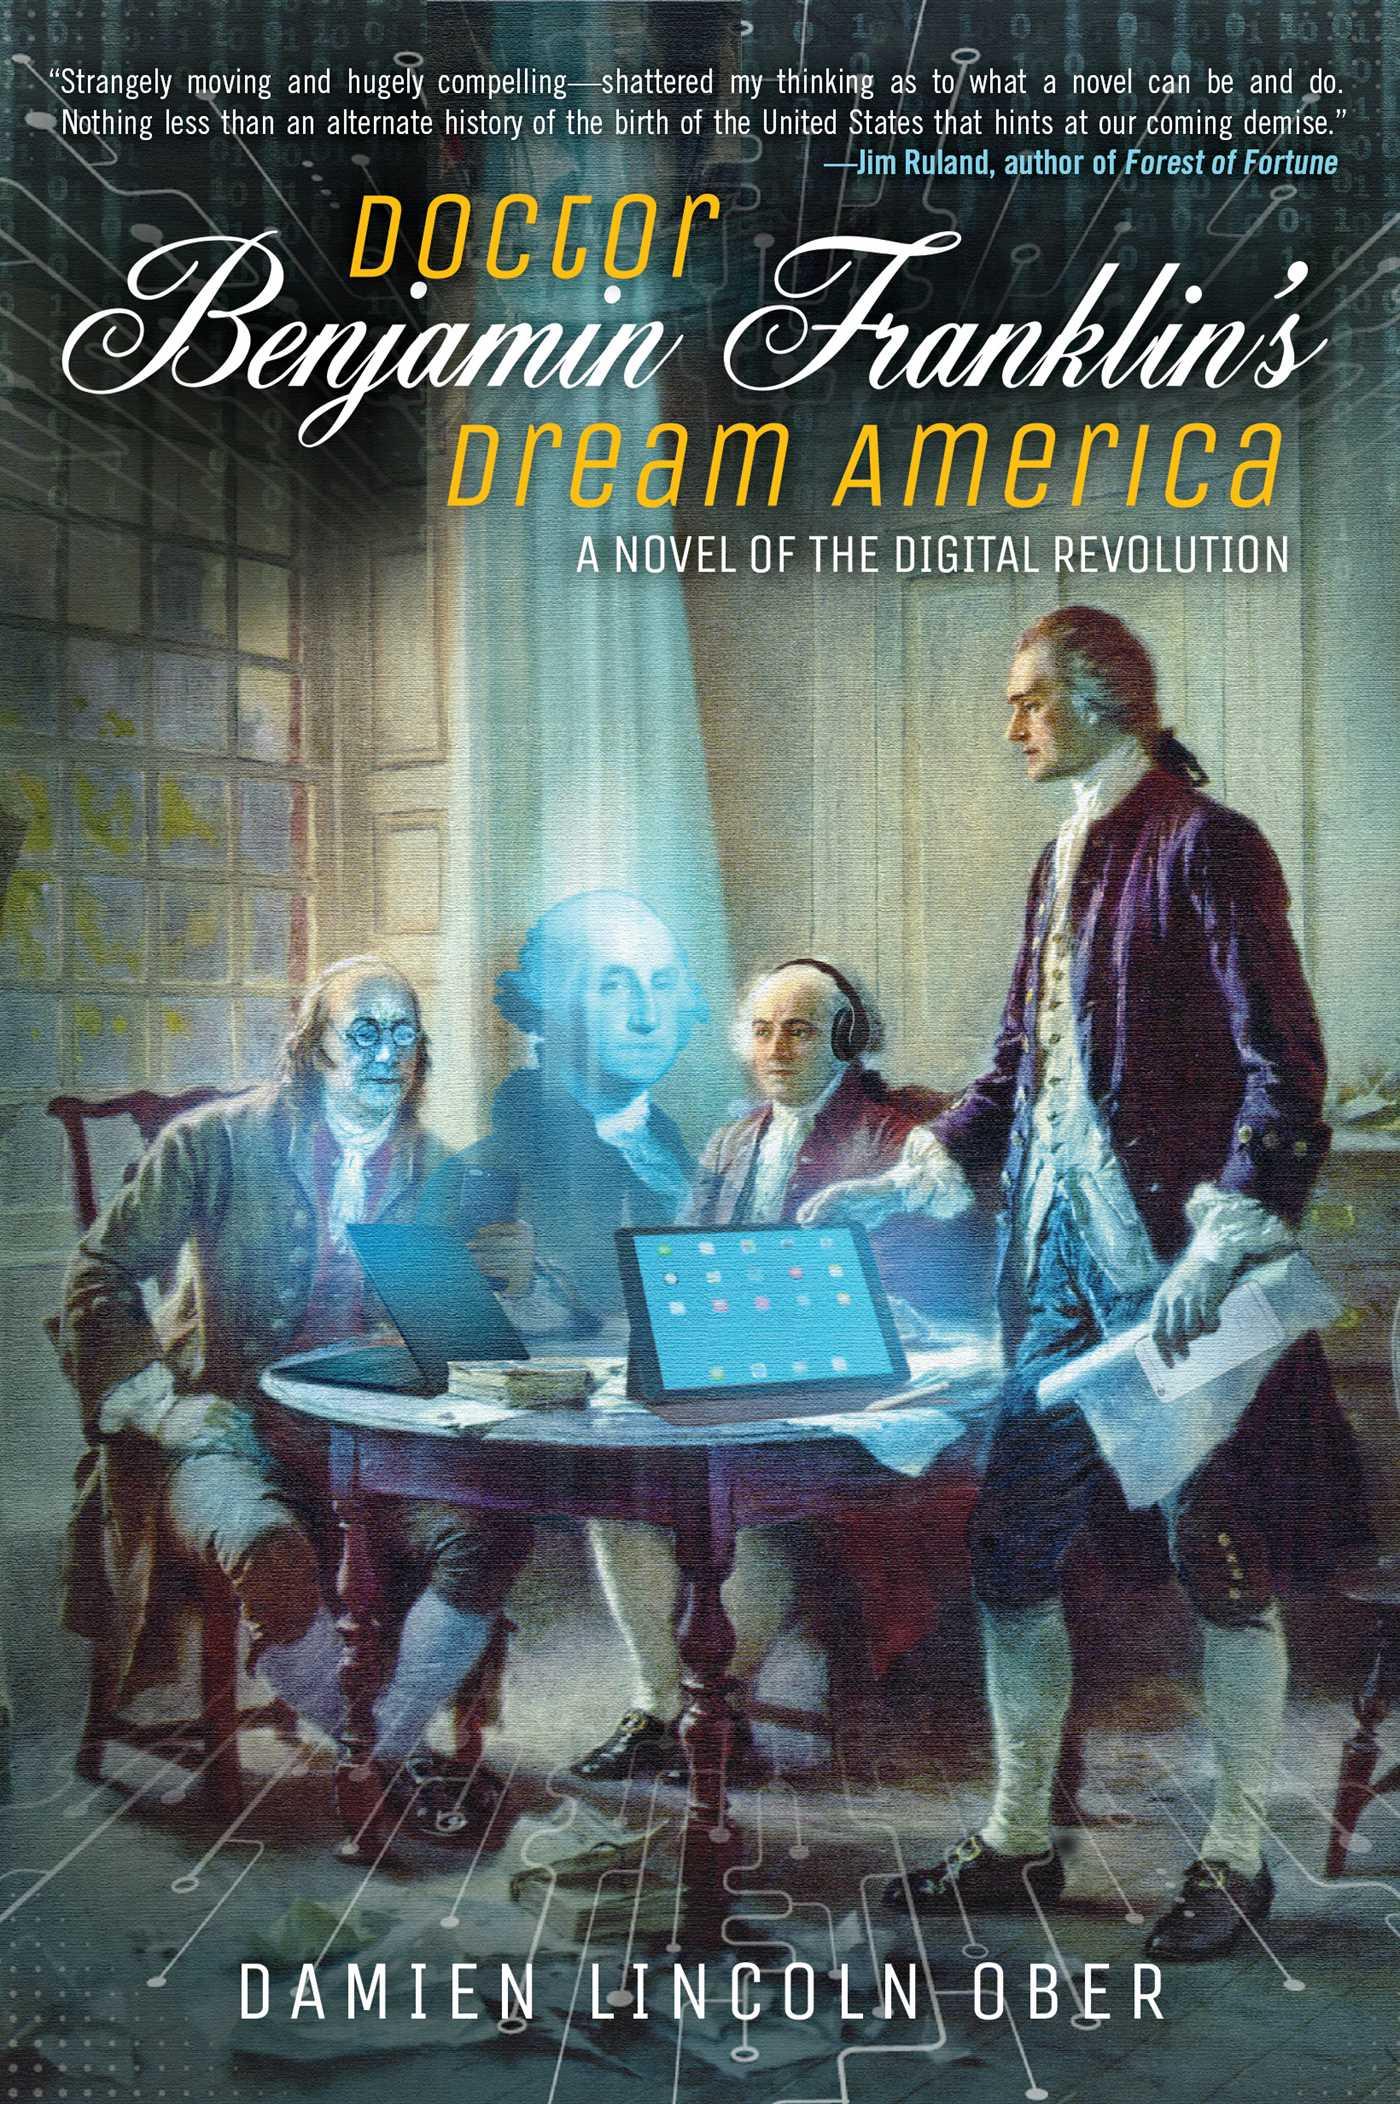 Doctor benjamin franklins dream america 9781597806220 hr